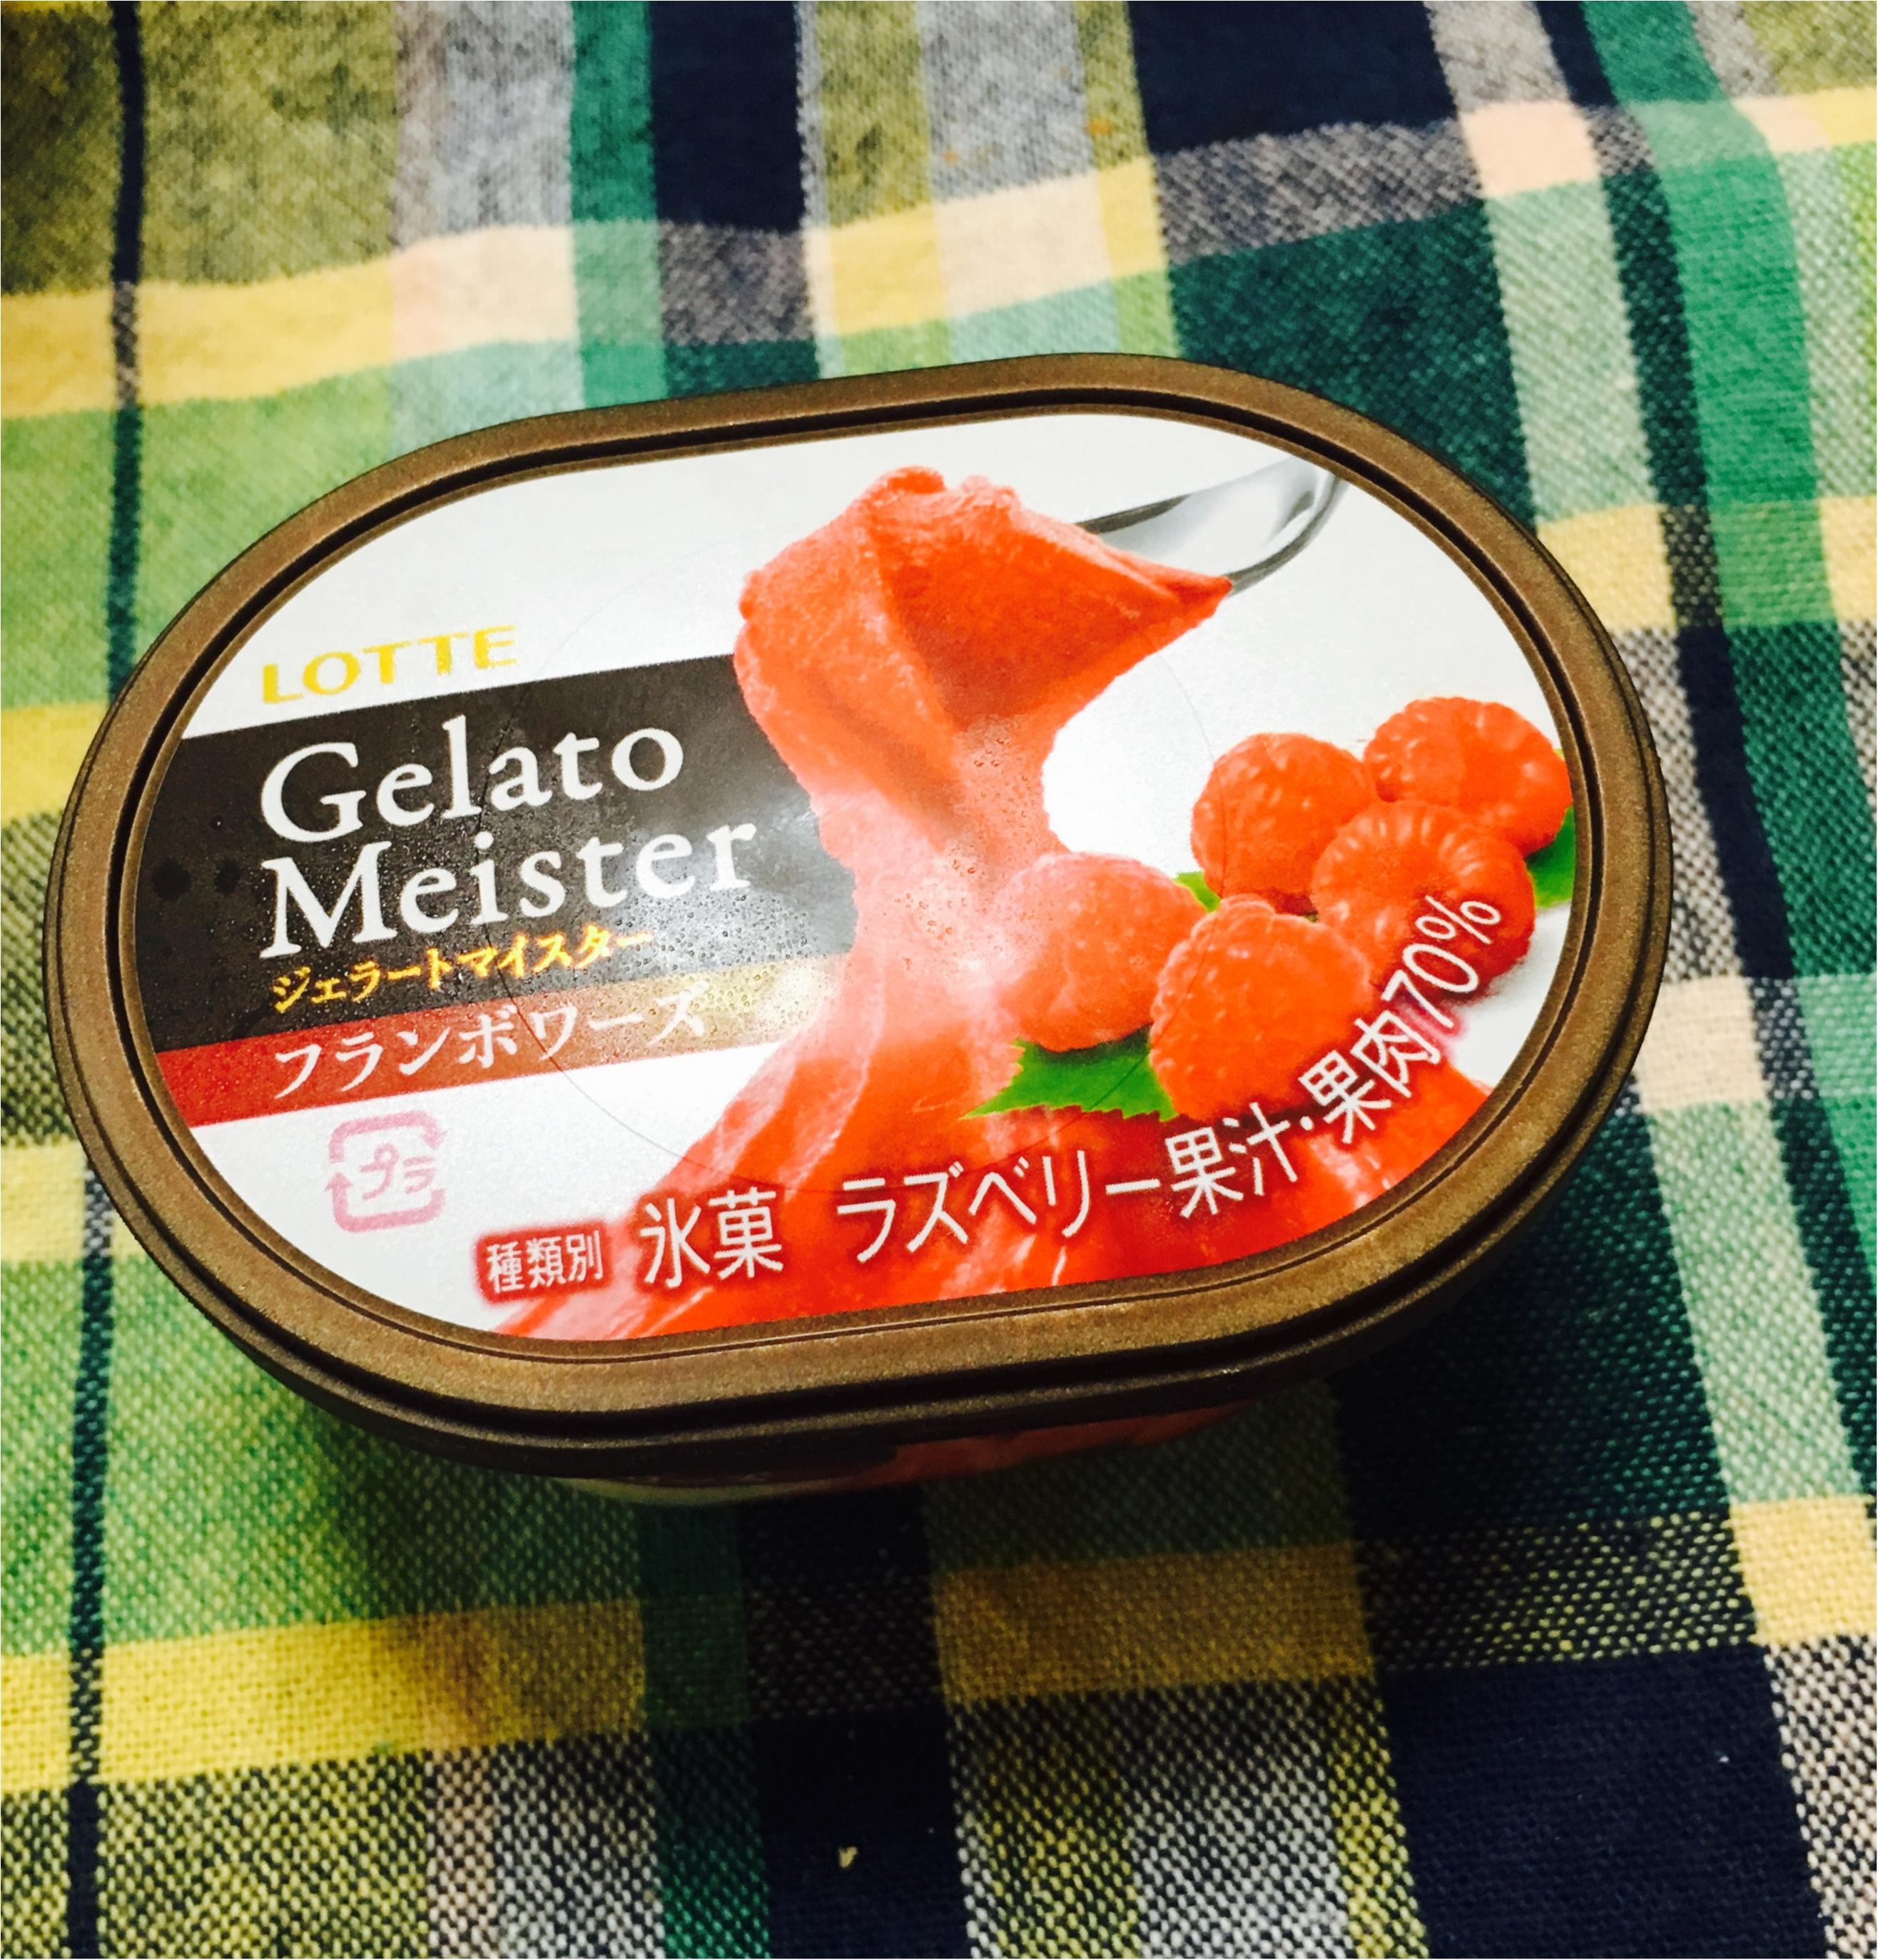 [ロッテ]ジェラートマイスターフランボワーズが、美味しすぎる!!!_1